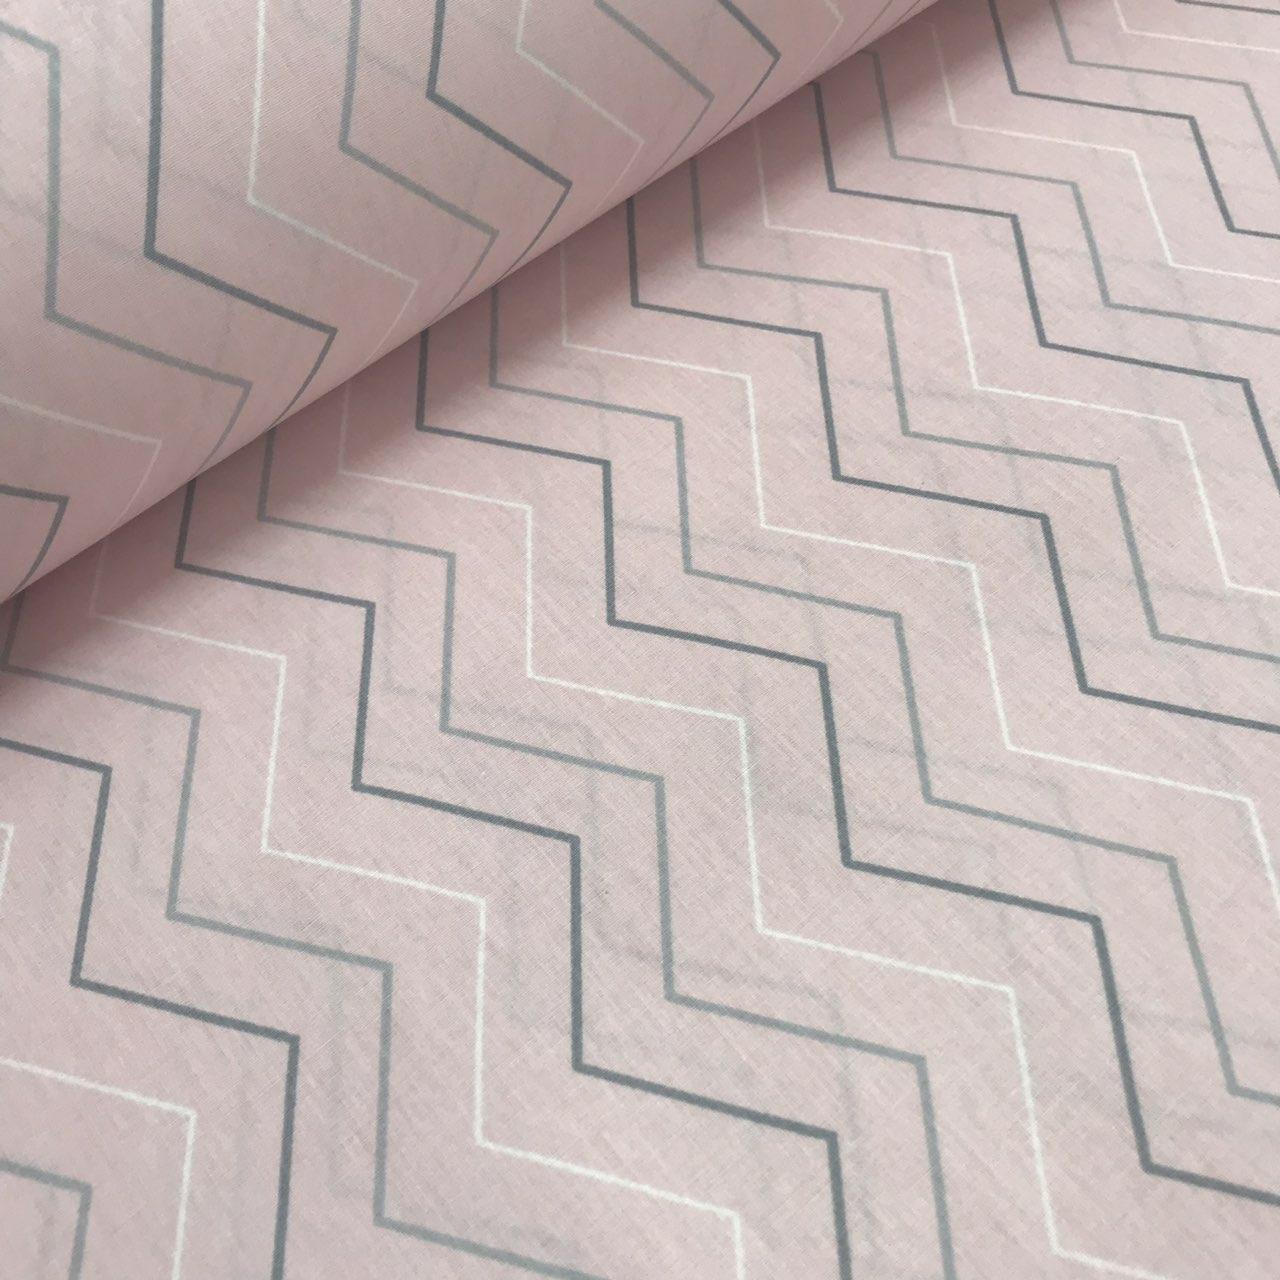 Хлопковая ткань (ТУРЦИЯ шир. 2,4 м) зигзаг тонки серо-белый на розовом